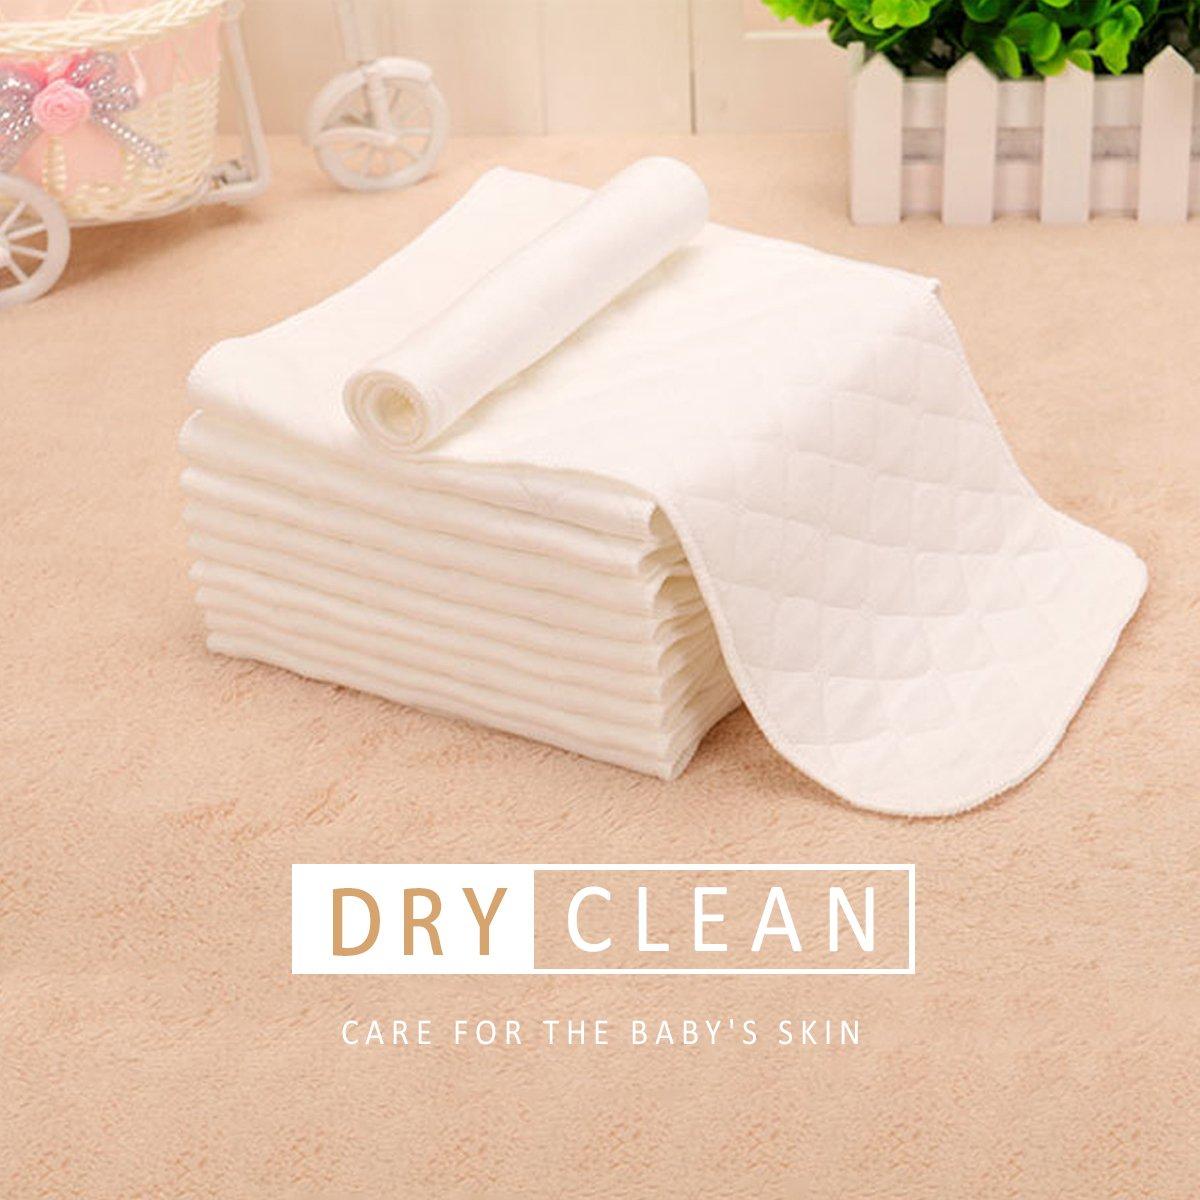 SONARIN Reutilizable tela suave pa/ñal inserciones pa/ñales liners s/úper absorbente de agua esteras,Forros para pa/ñales paquete de 20 3 capas